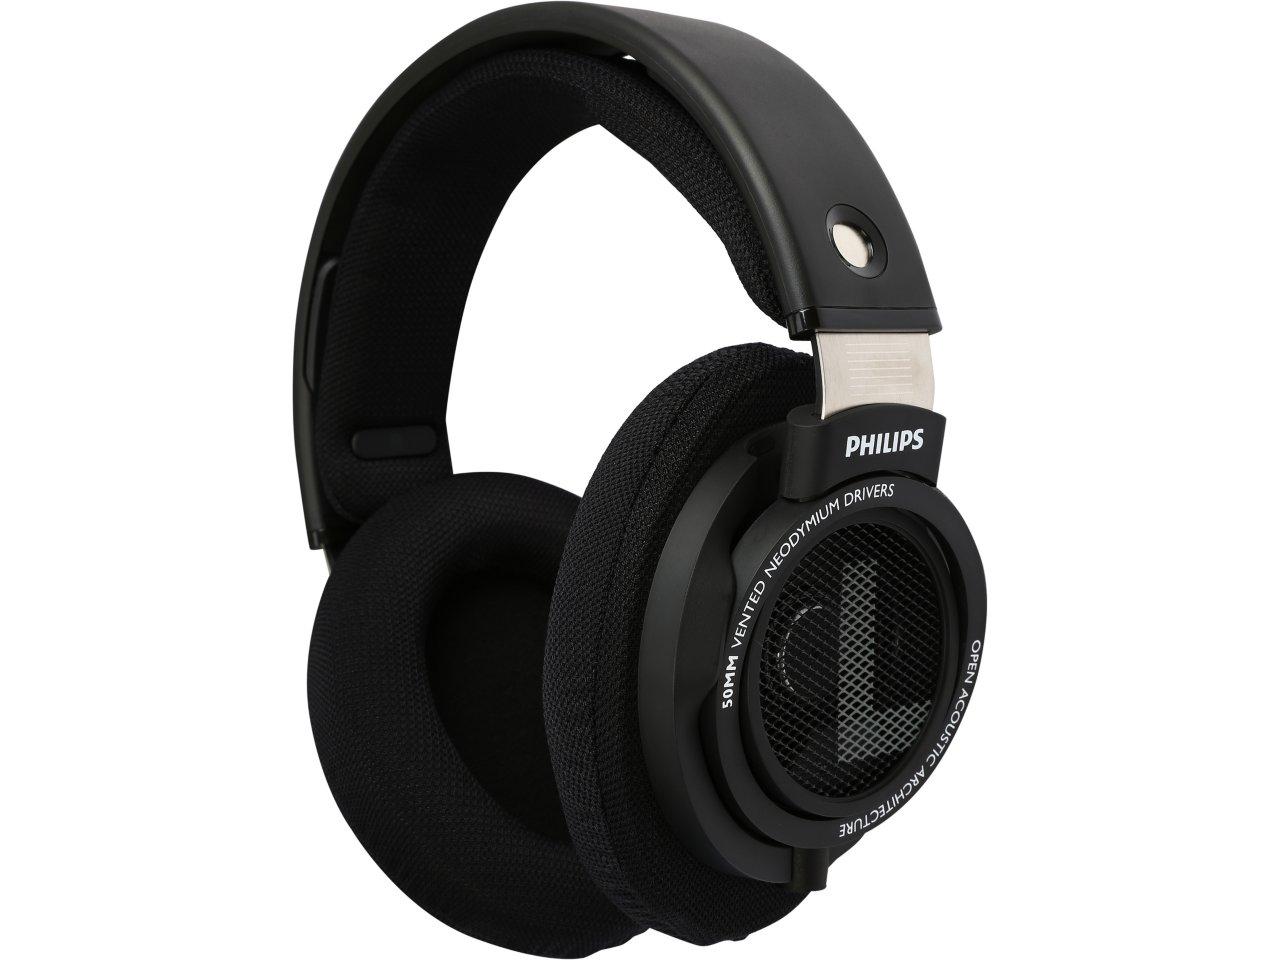 Philips SHP9500 Black Over-Ear Headphones for $57.99, Sennheiser HD7 DJ Closed Over-Ear Headphones + $15 Newegg Gift Card for $114.99 + Free Shipping @ Newegg.com